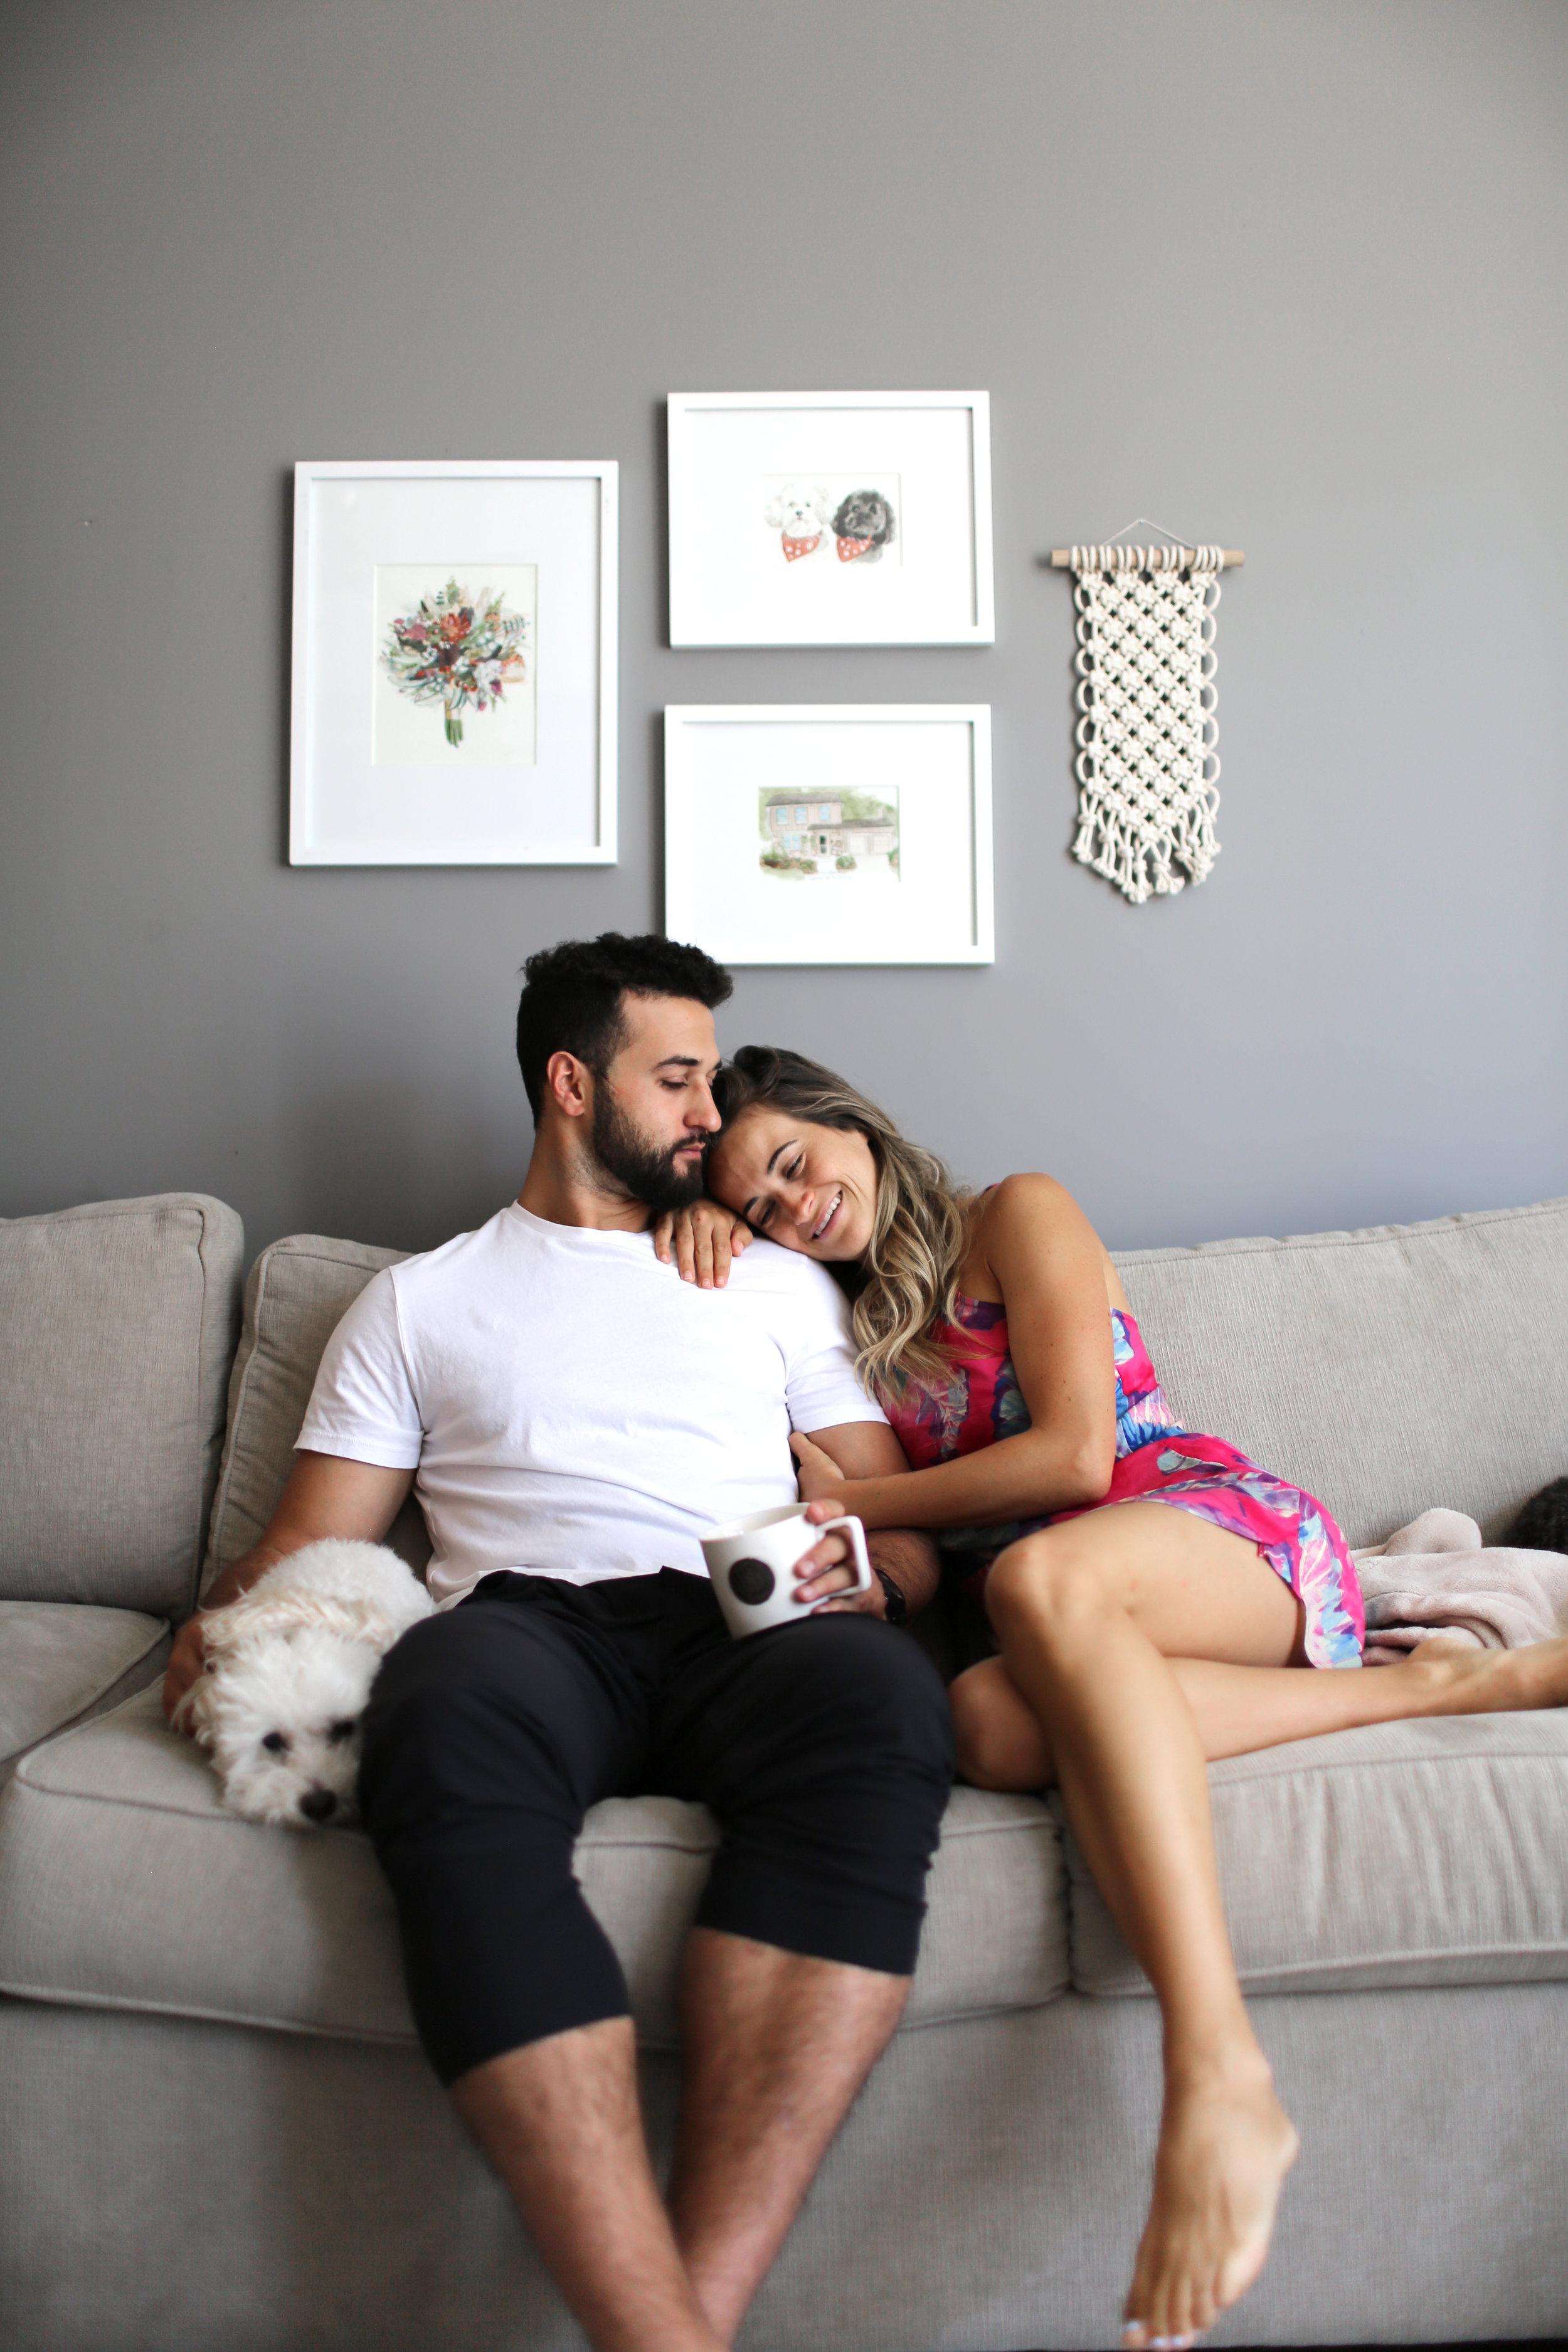 couch cuddles 2.jpg